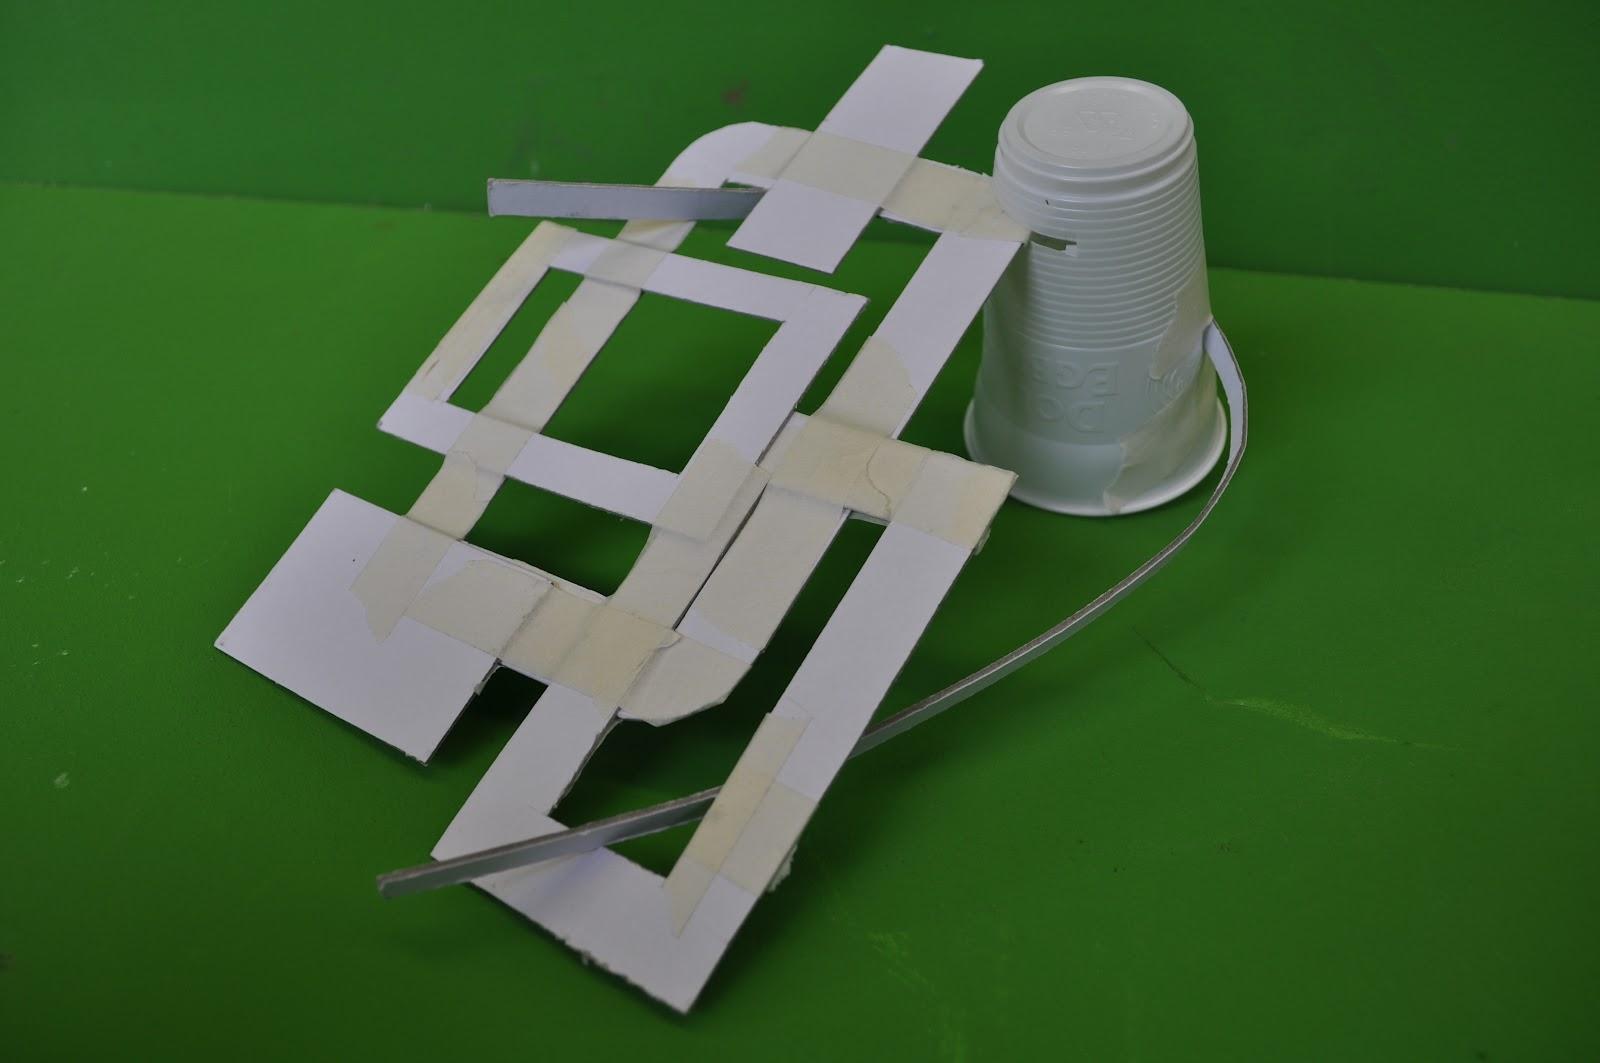 Prop ruimtelijk ontwerp 3d compositie for Ontwerp 3d